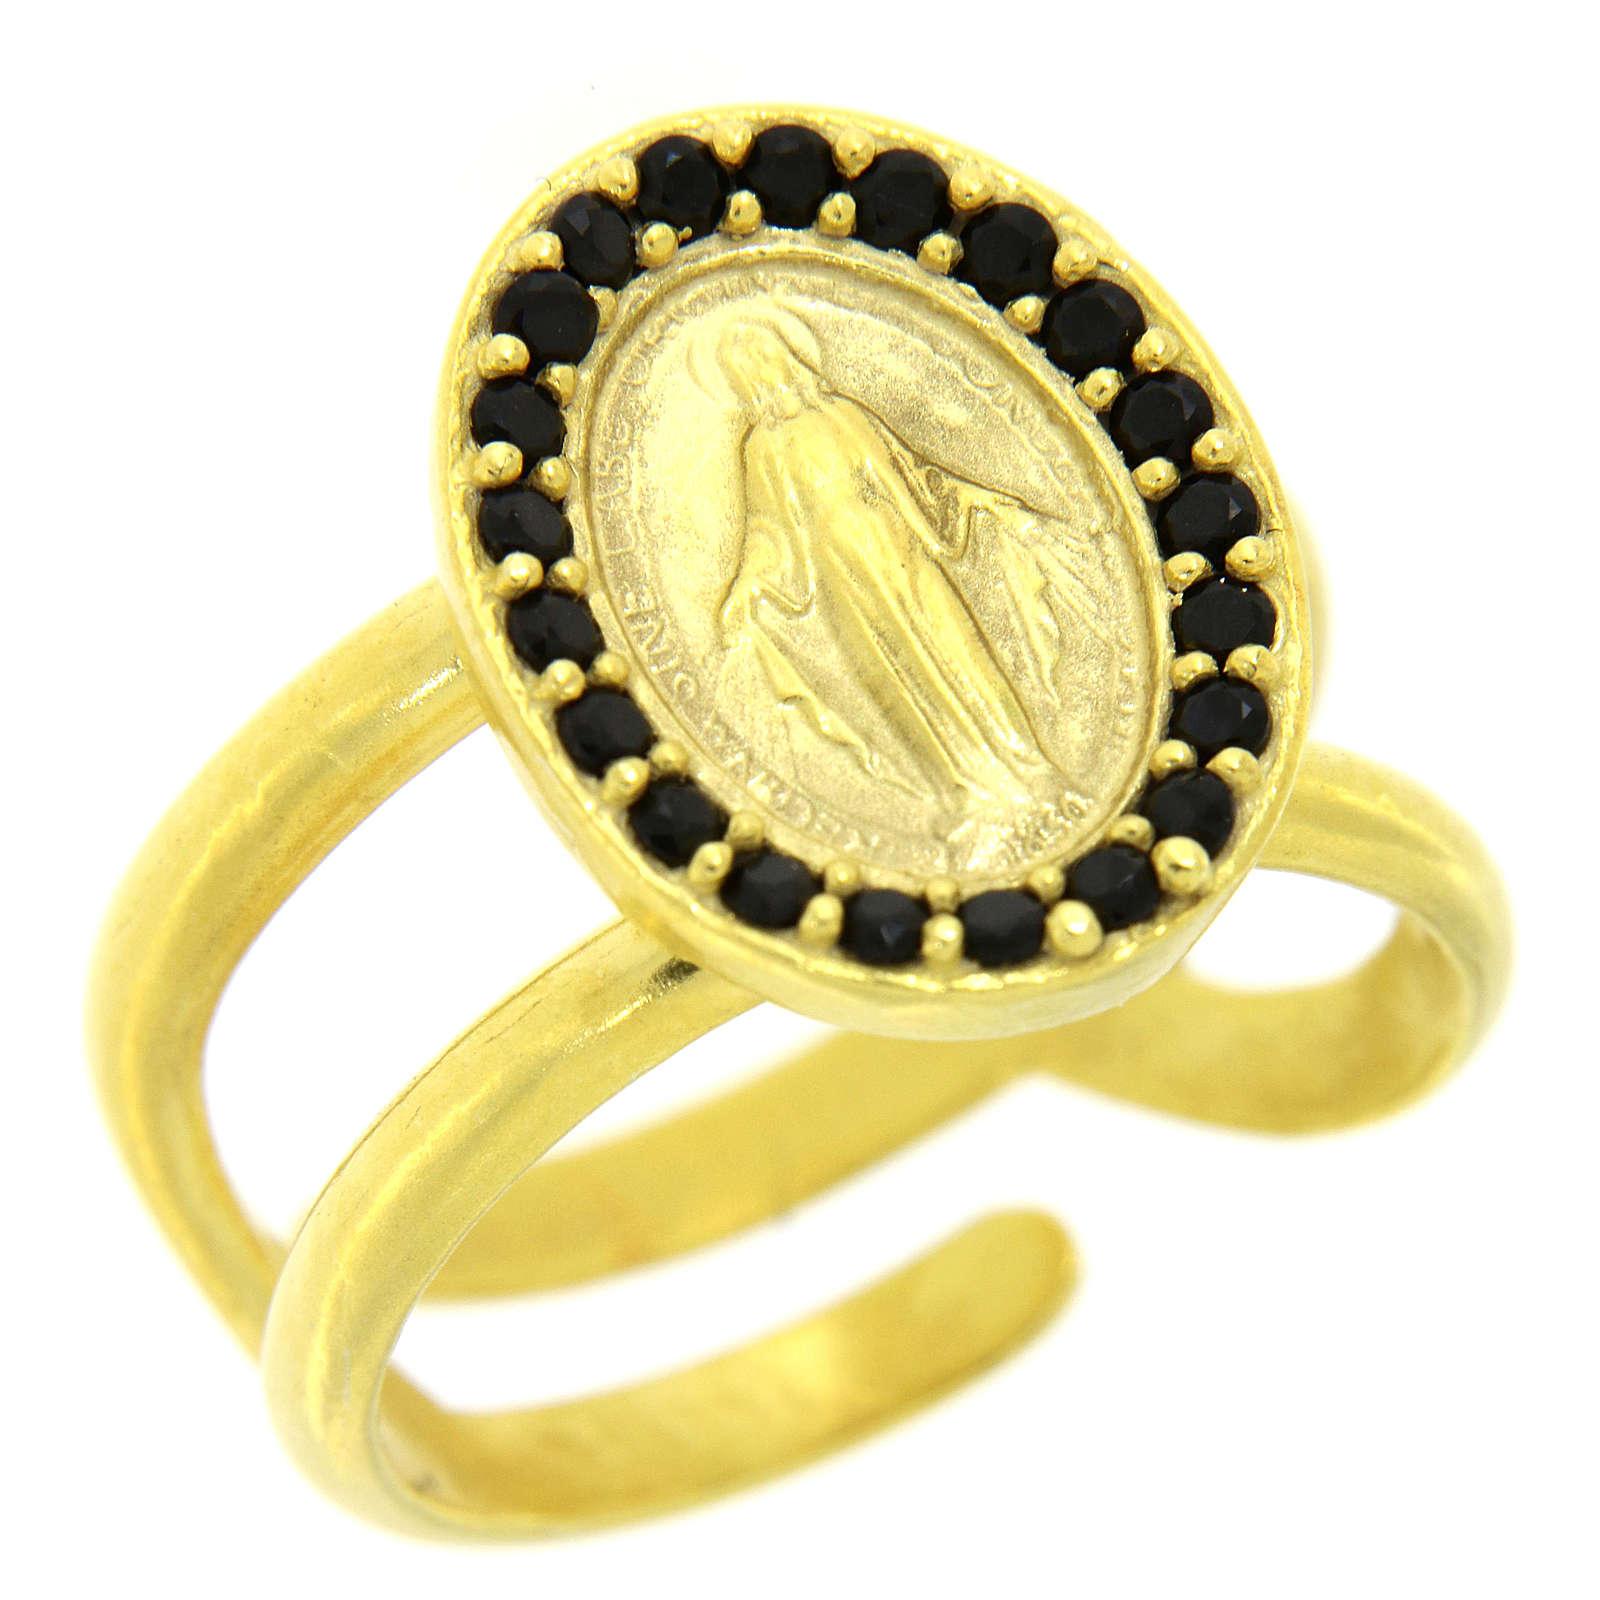 Anello argento 925 dorato regolabile Medaglia Miracolosa 3